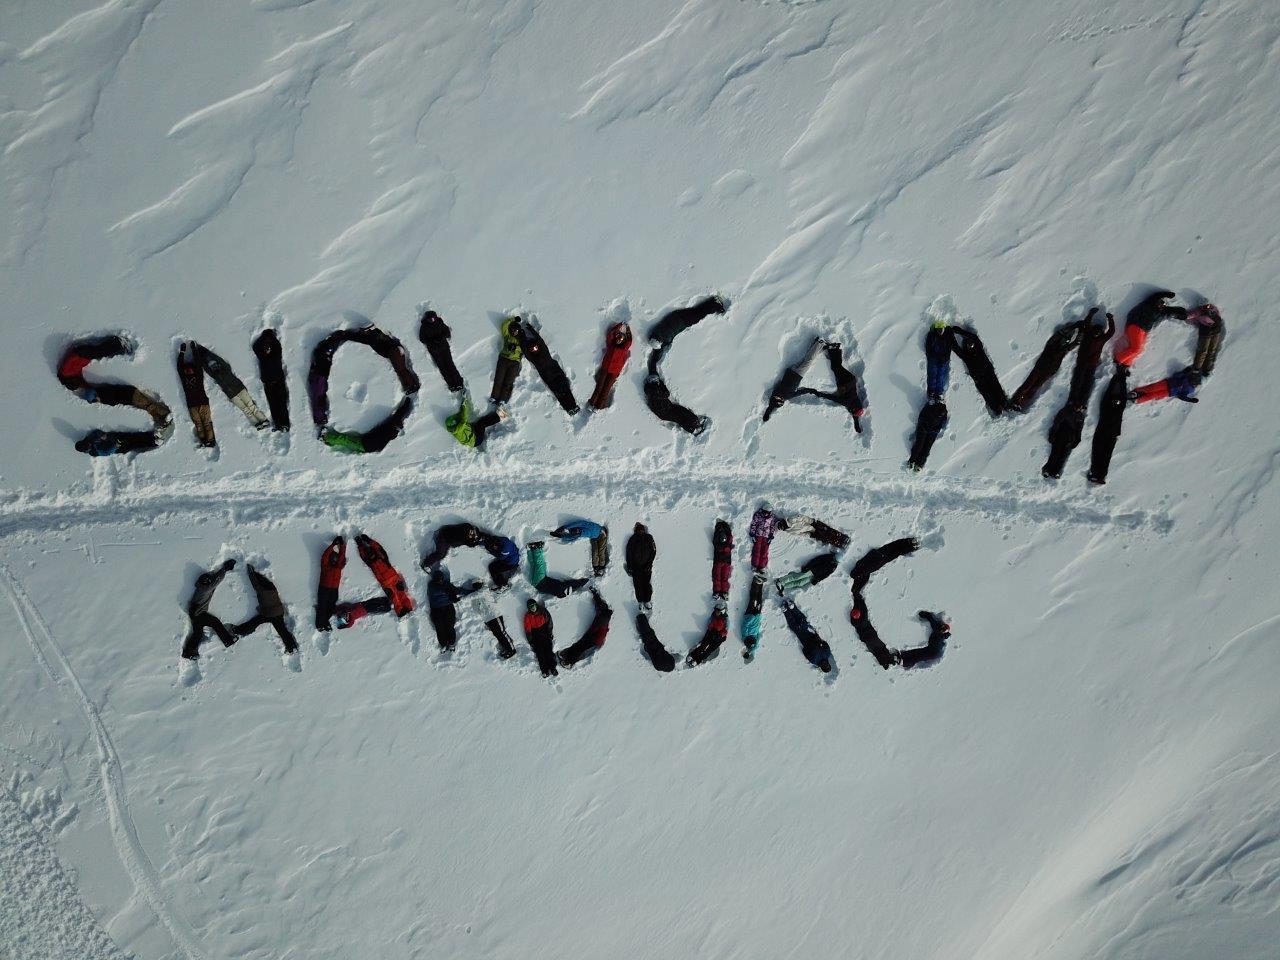 Teilnehmer im Schnee